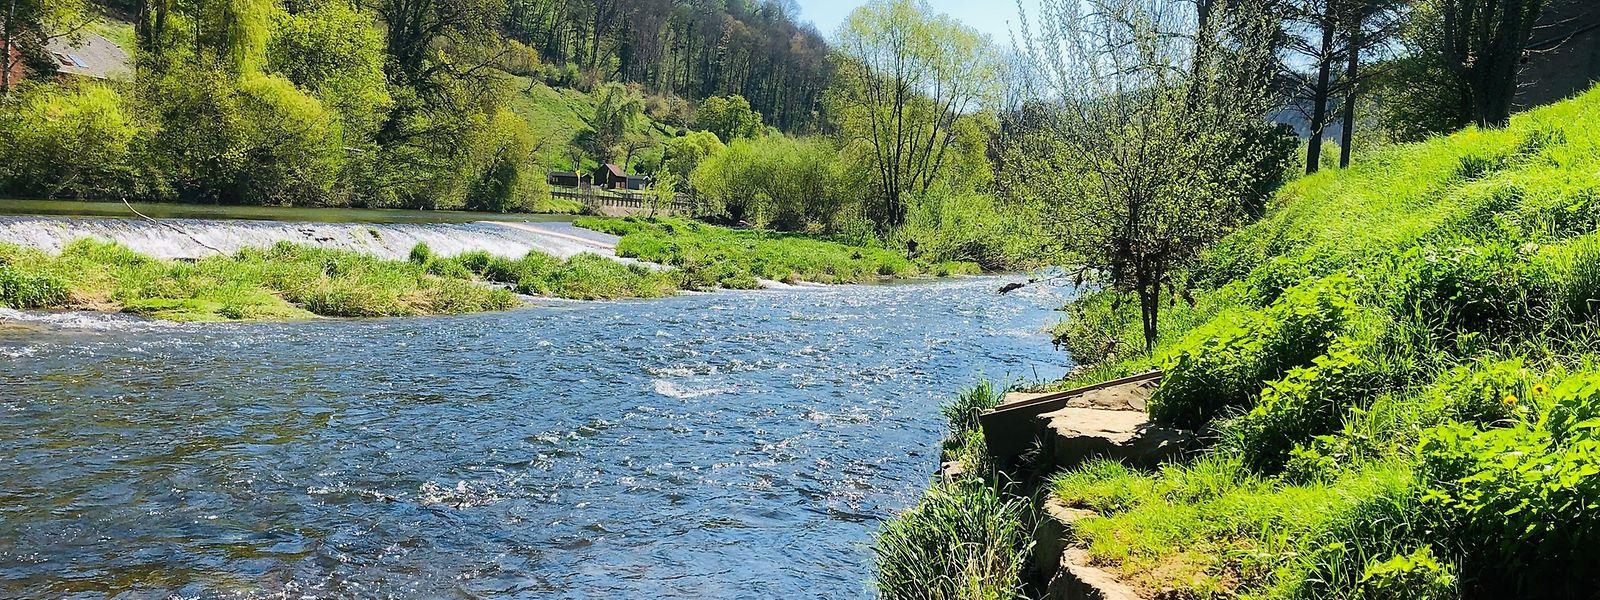 La Sûre, en amont du barrage d'Esch-sur-Sûre, est le cours d'eau le plus vulnérable du pays.